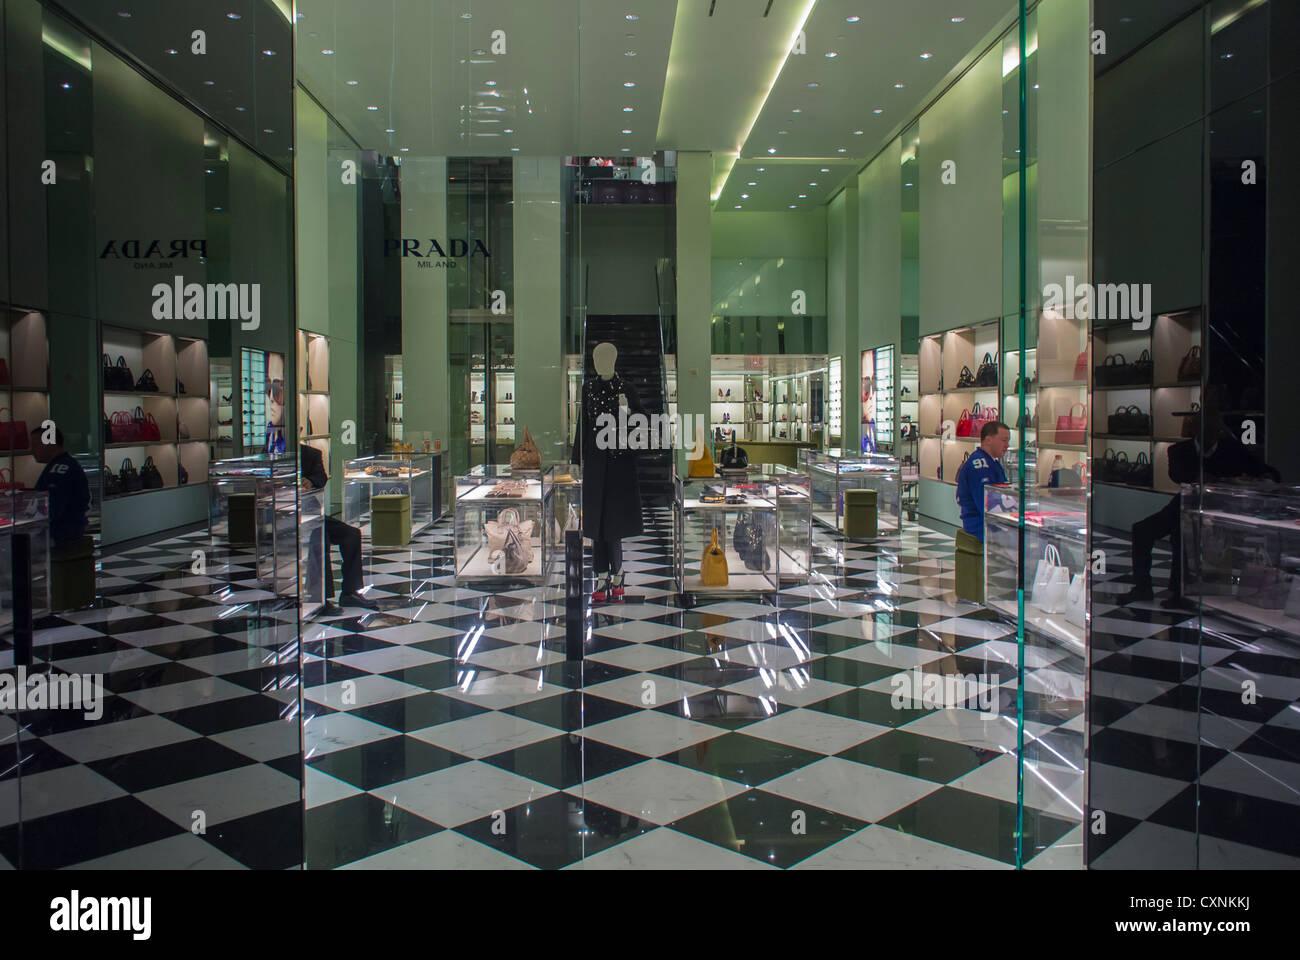 3408cd191e6 Prada Brand Clothing Store Stock Photos   Prada Brand Clothing Store ...